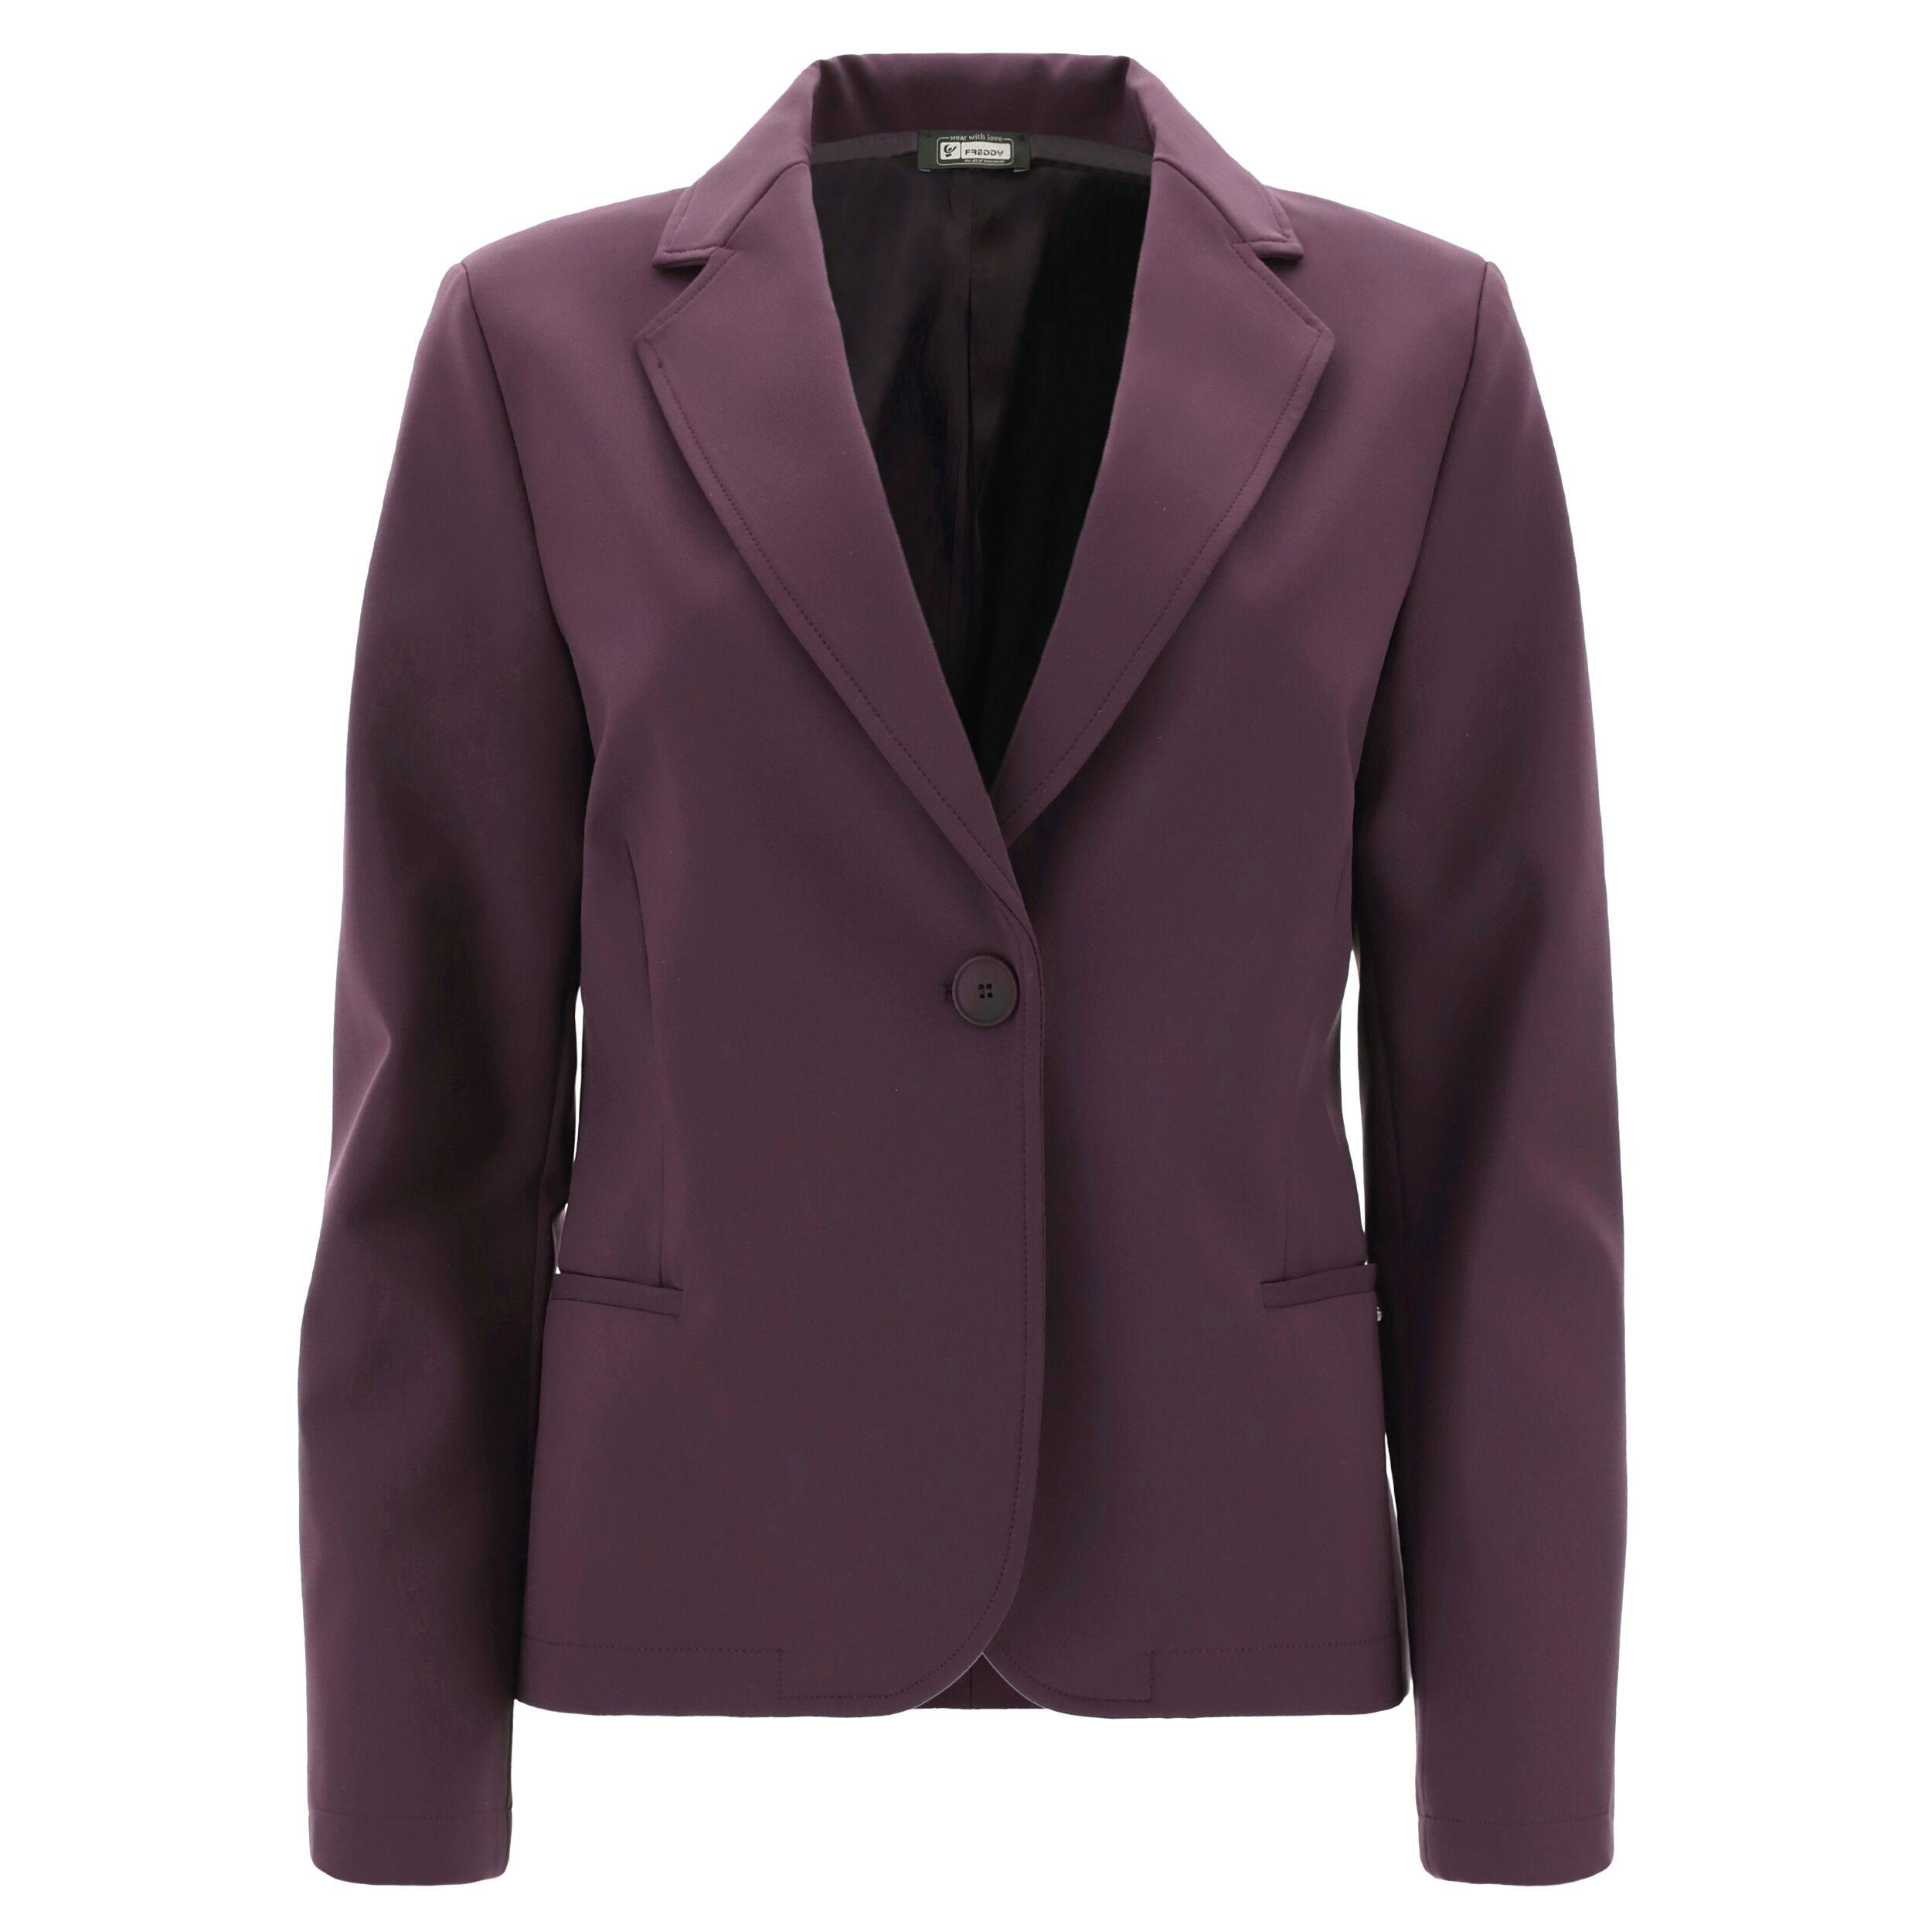 freddy blazer da donna monocolore taglio morbido plum perfect